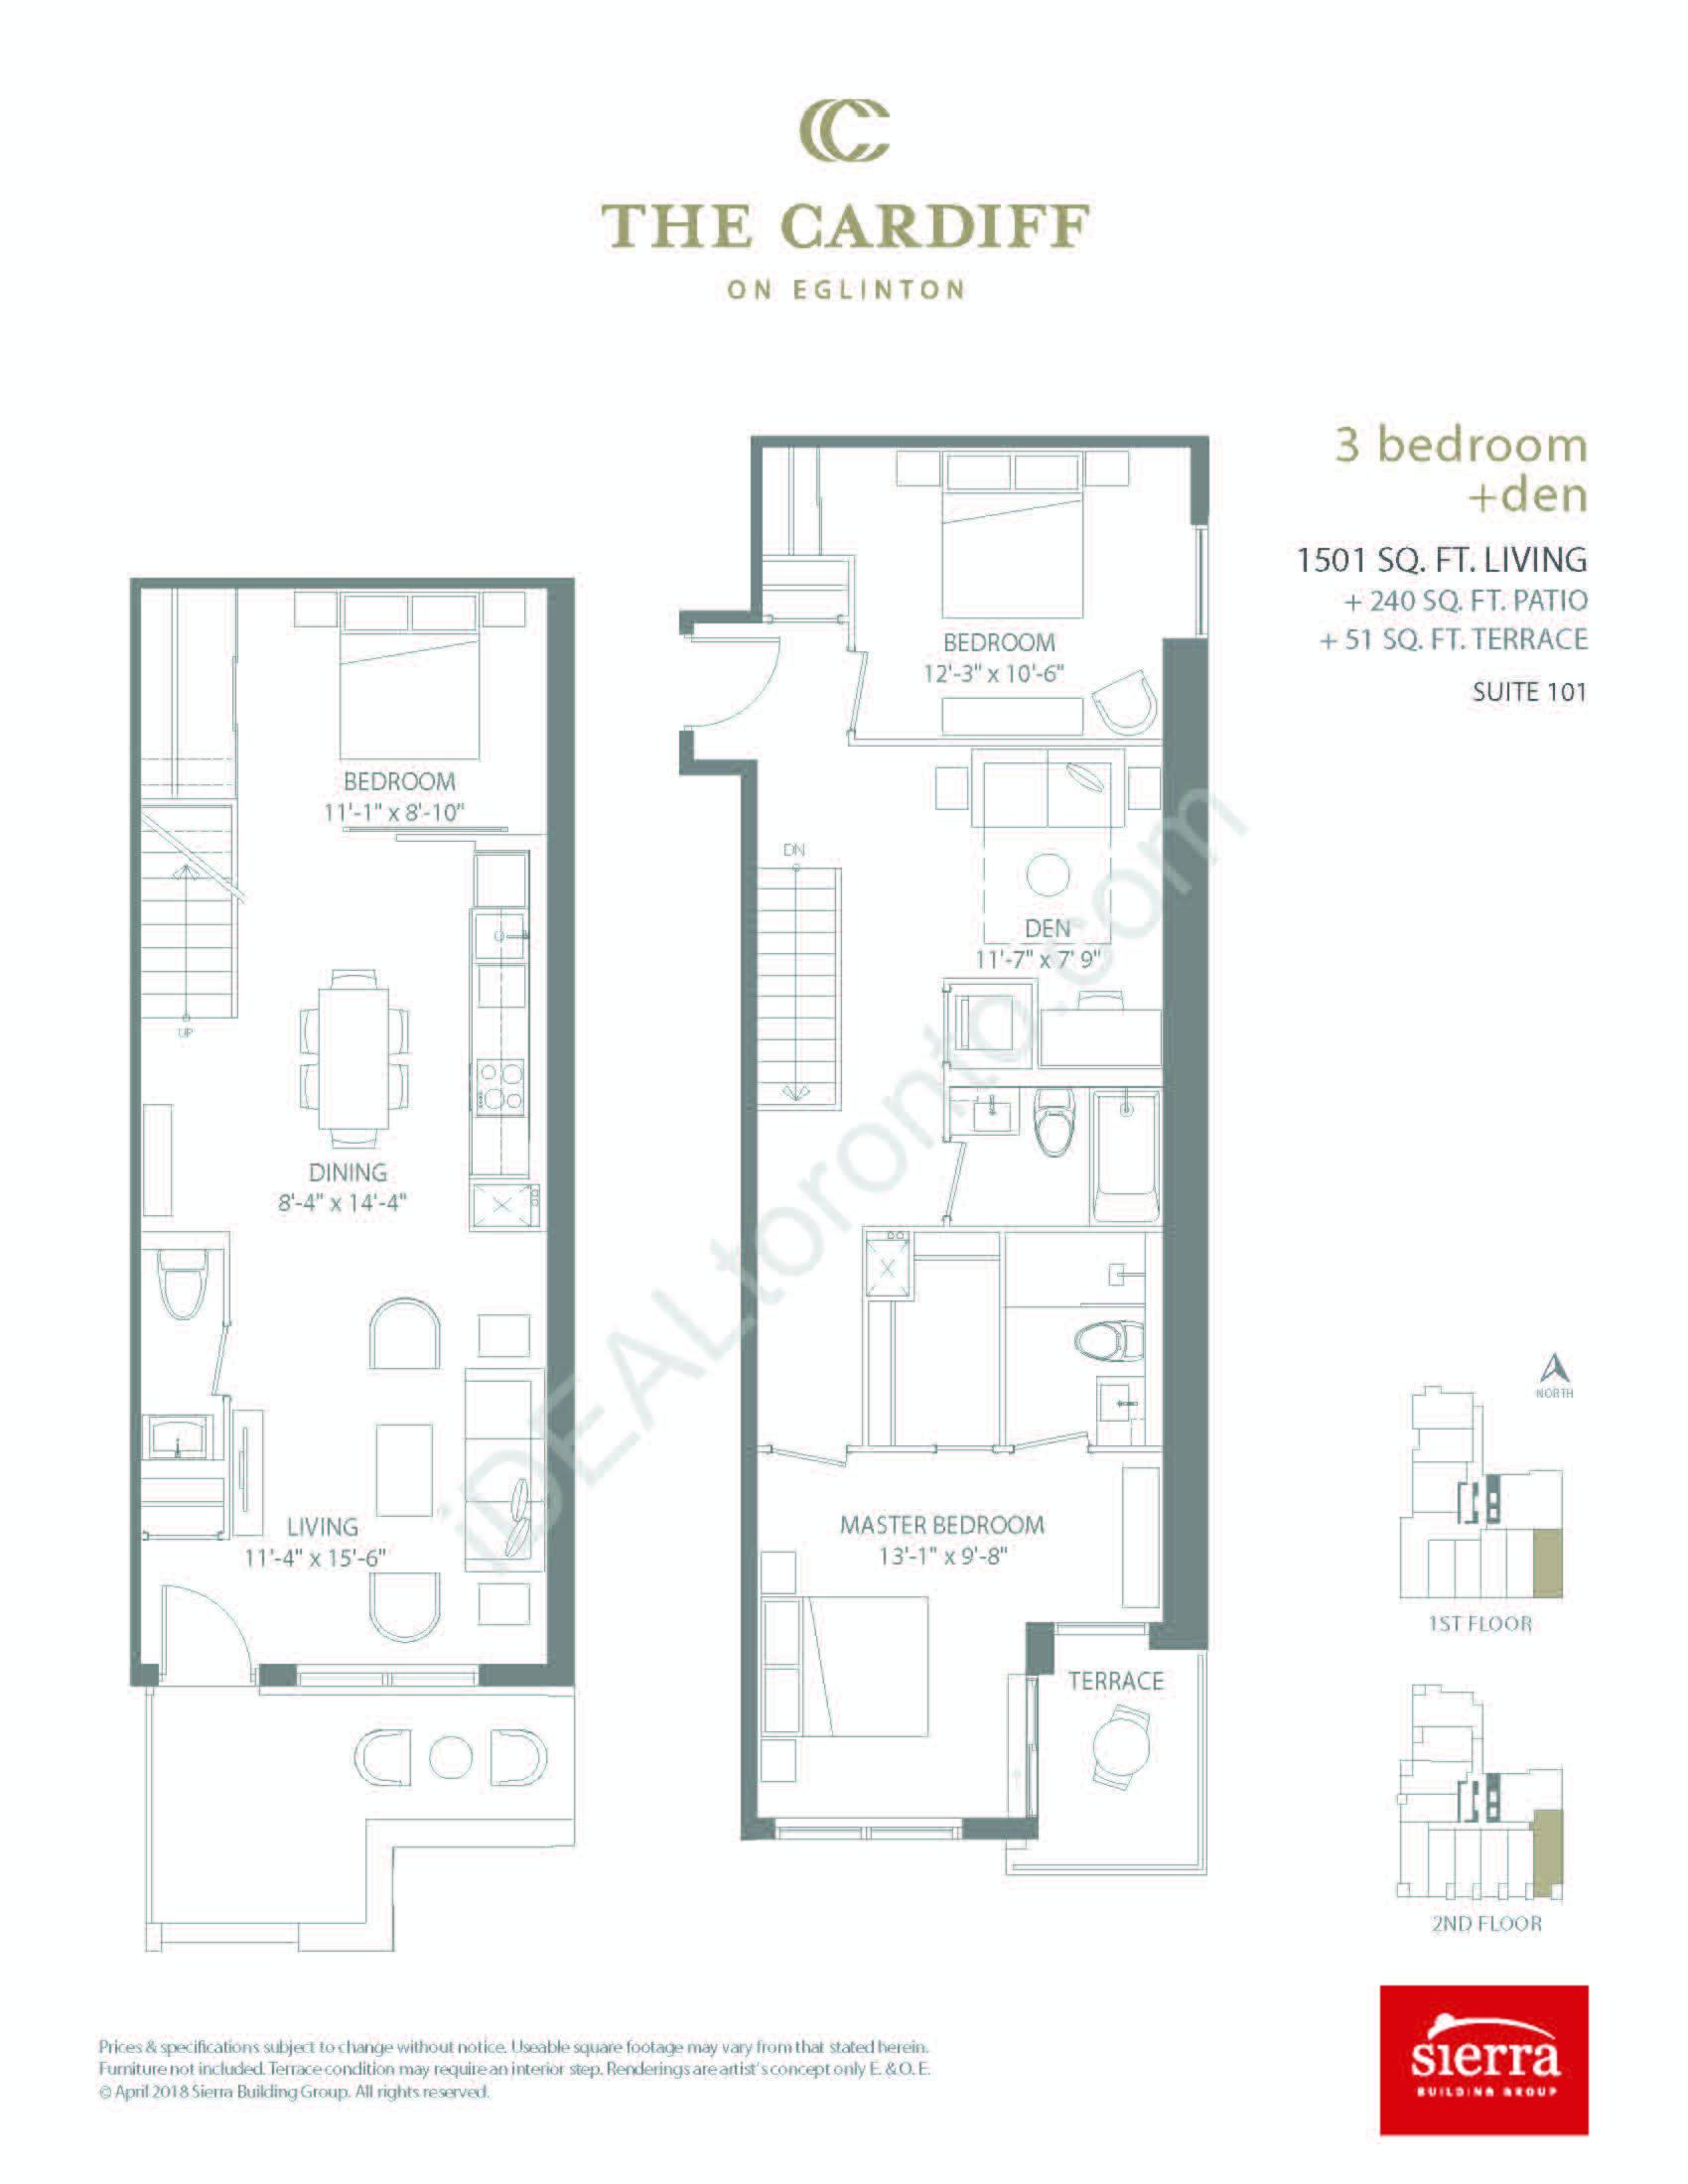 3 Bedroom + Den + Patio + Terrace